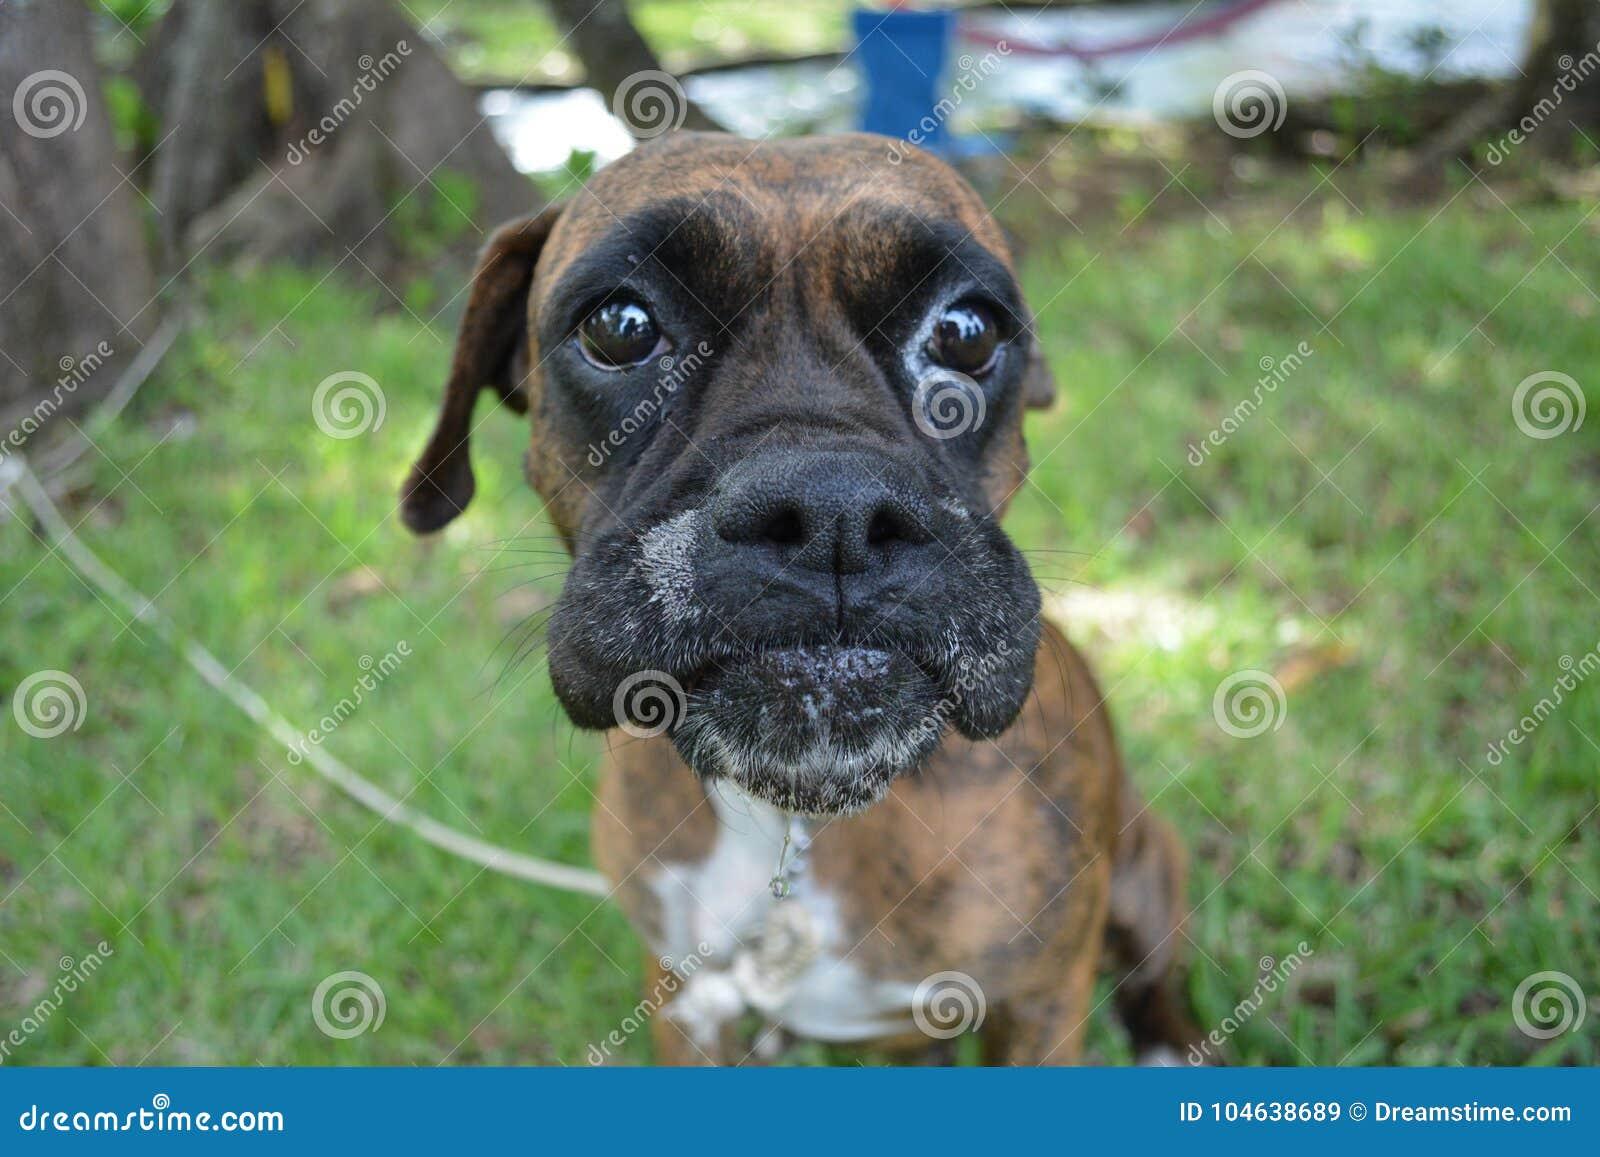 Download Grappige Wangen Van De Kruisingshond Stock Afbeelding - Afbeelding bestaande uit zwart, grappig: 104638689